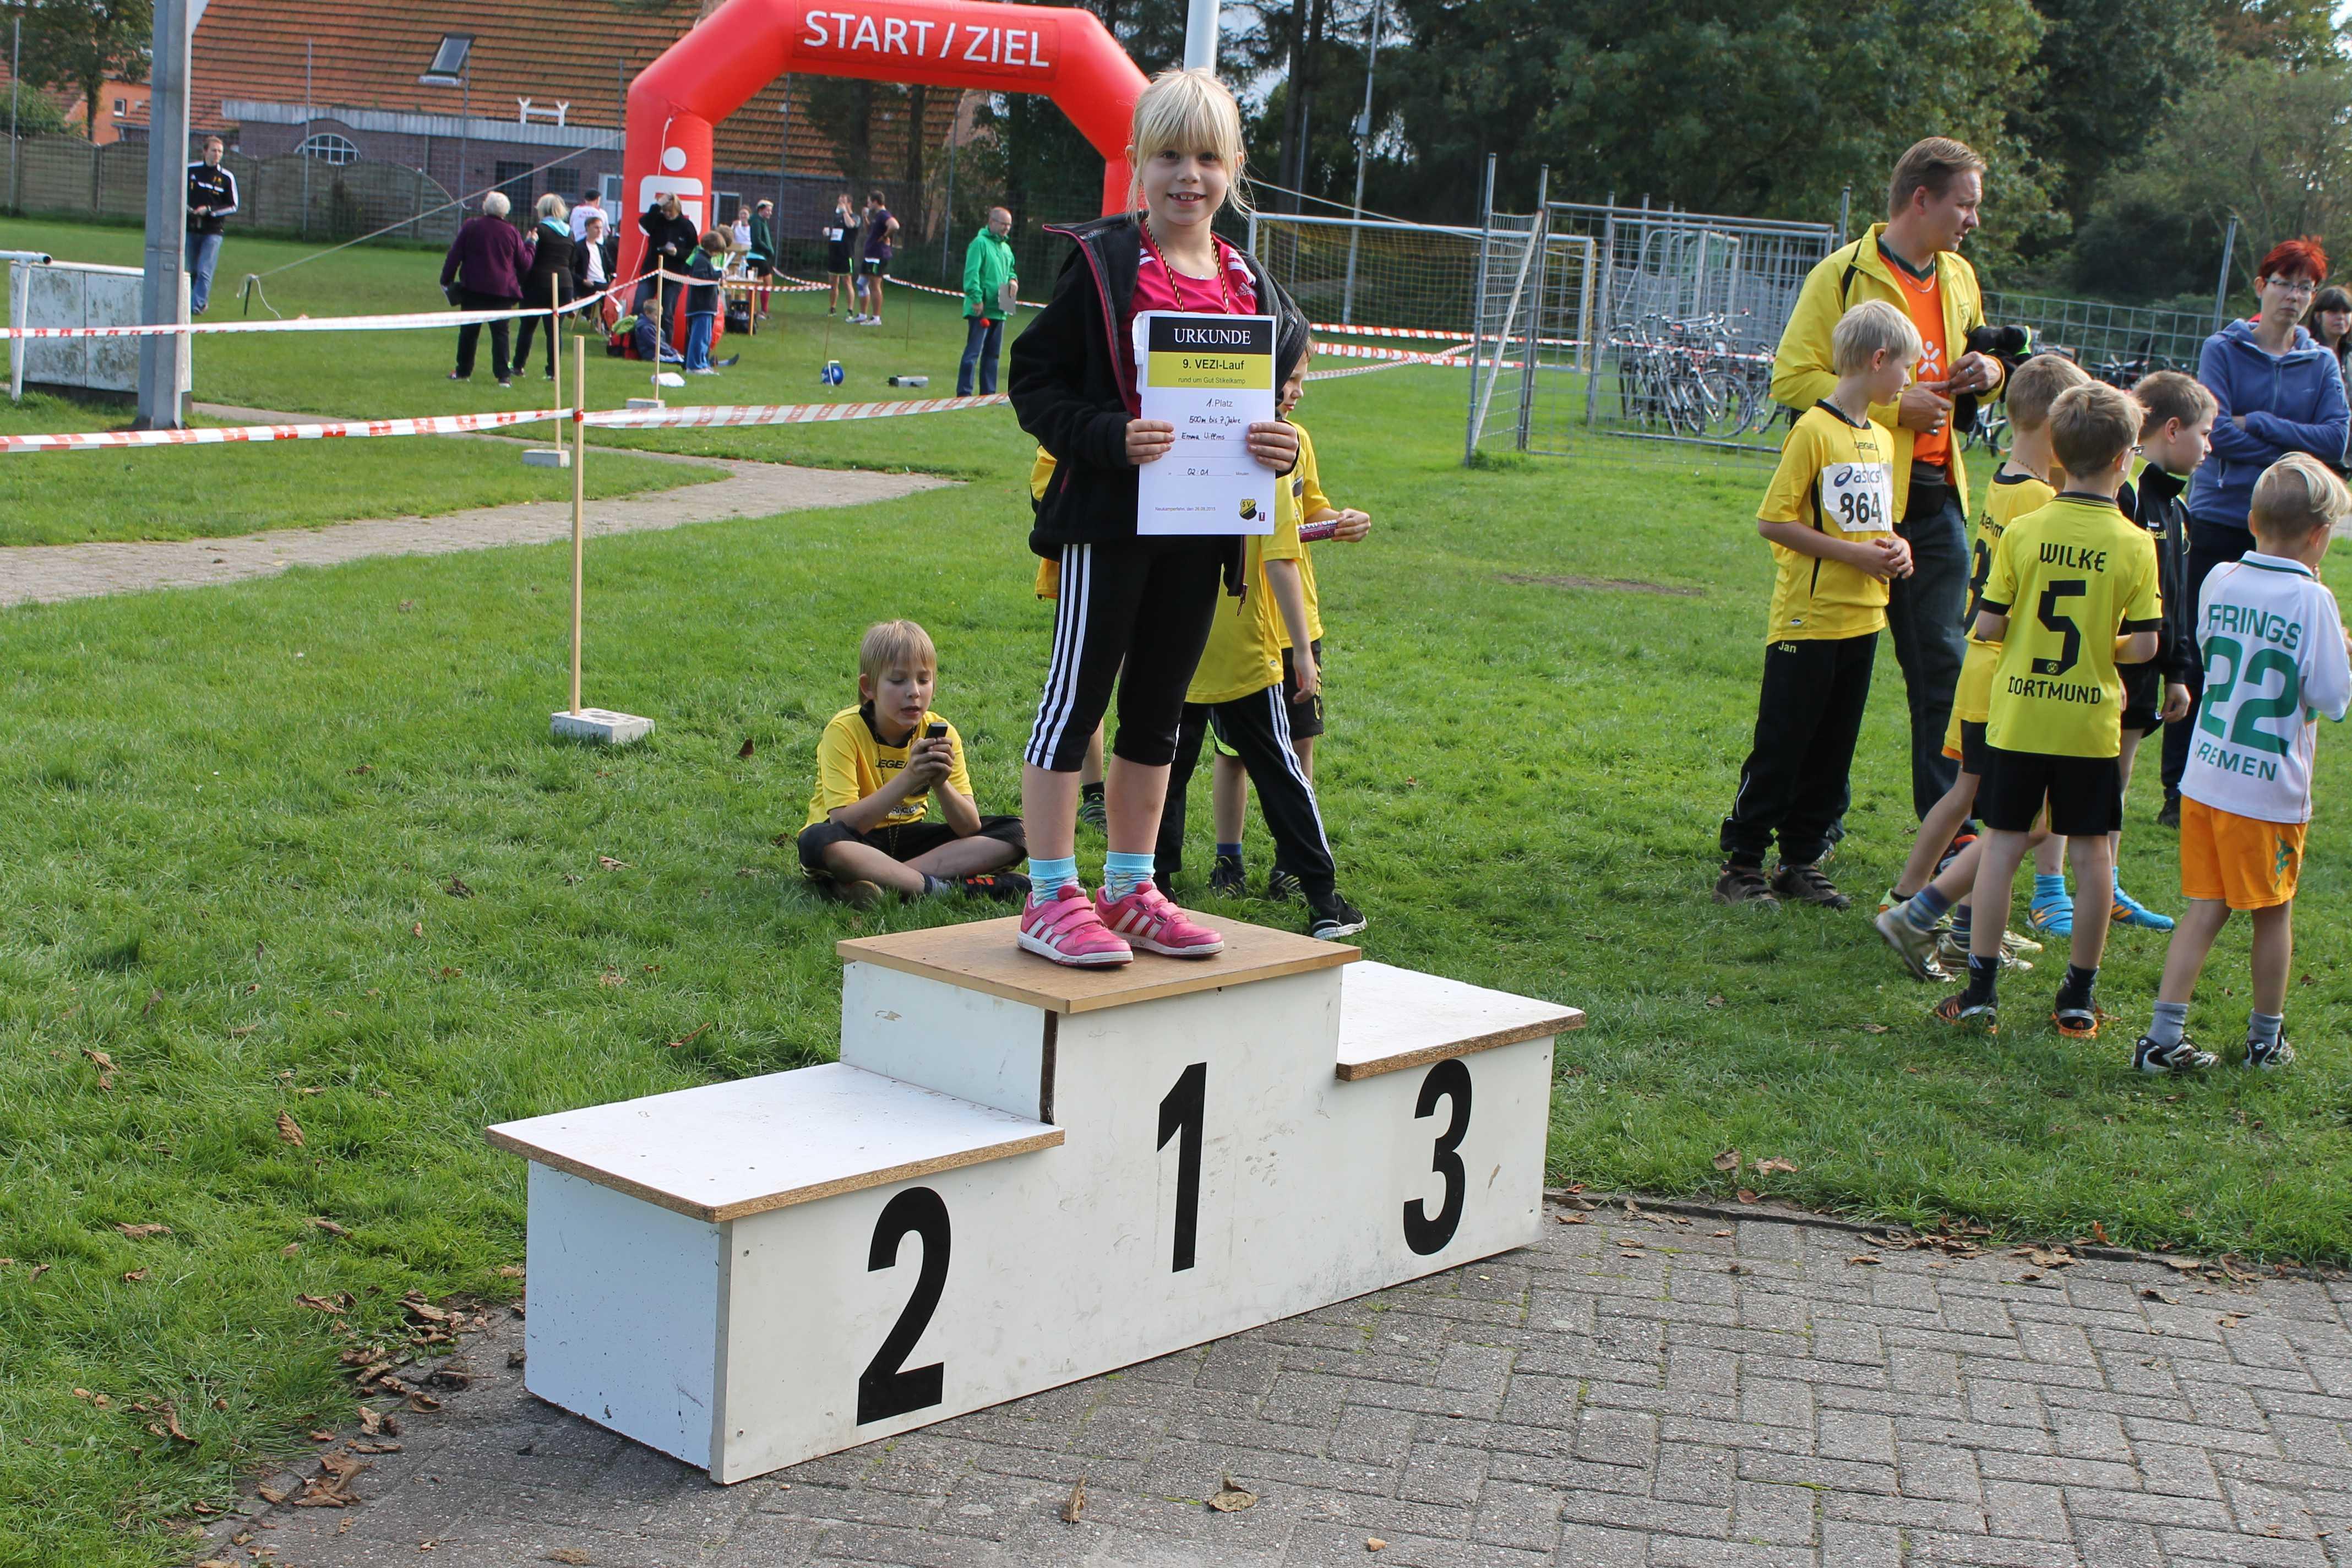 2015-09-26 Vezi Lauf (147)